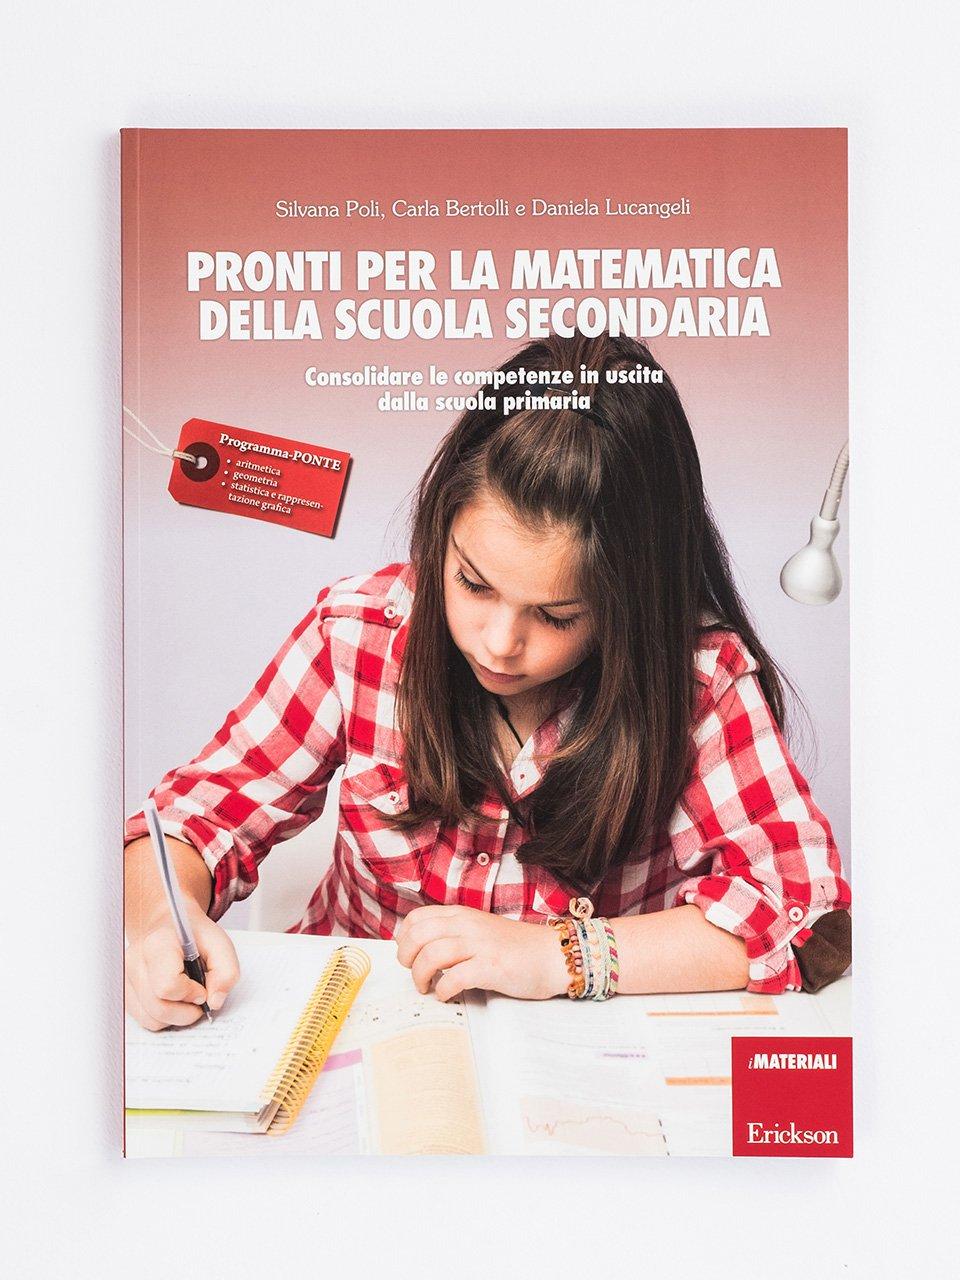 Pronti per la matematica della scuola secondaria - Le proposte Erickson per i compiti-delle-vacanze - Erickson